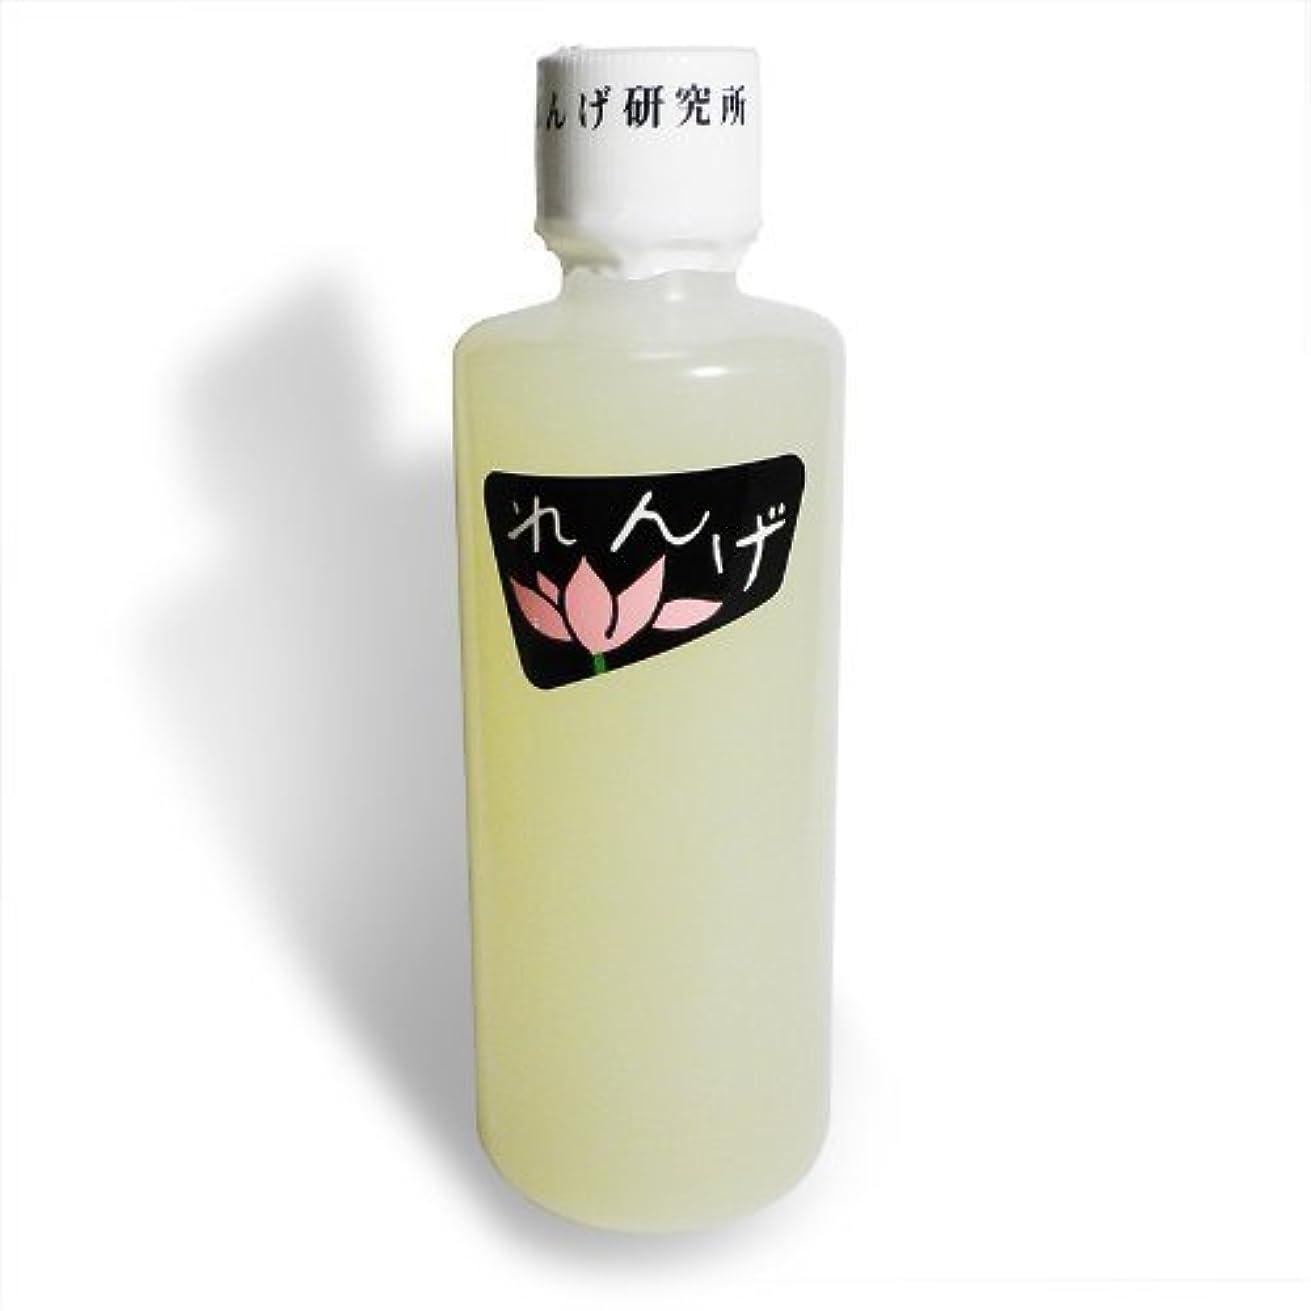 フォーマル遺体安置所シェルターれんげ研究所 れんげ化粧水 140cc×6本